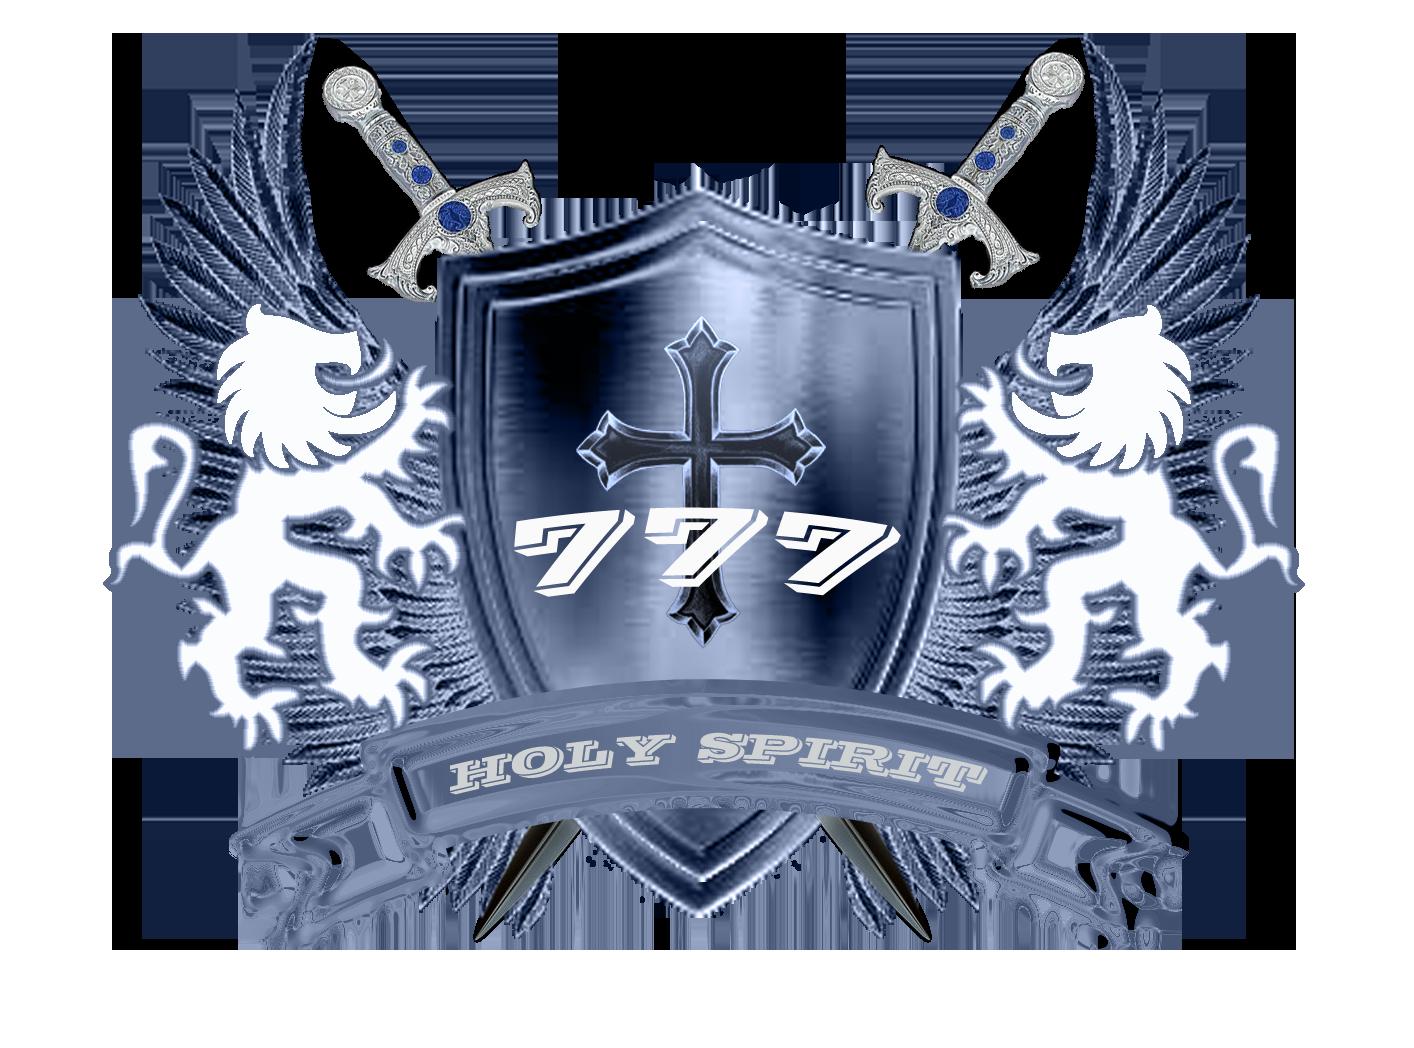 SHEILD 777=3